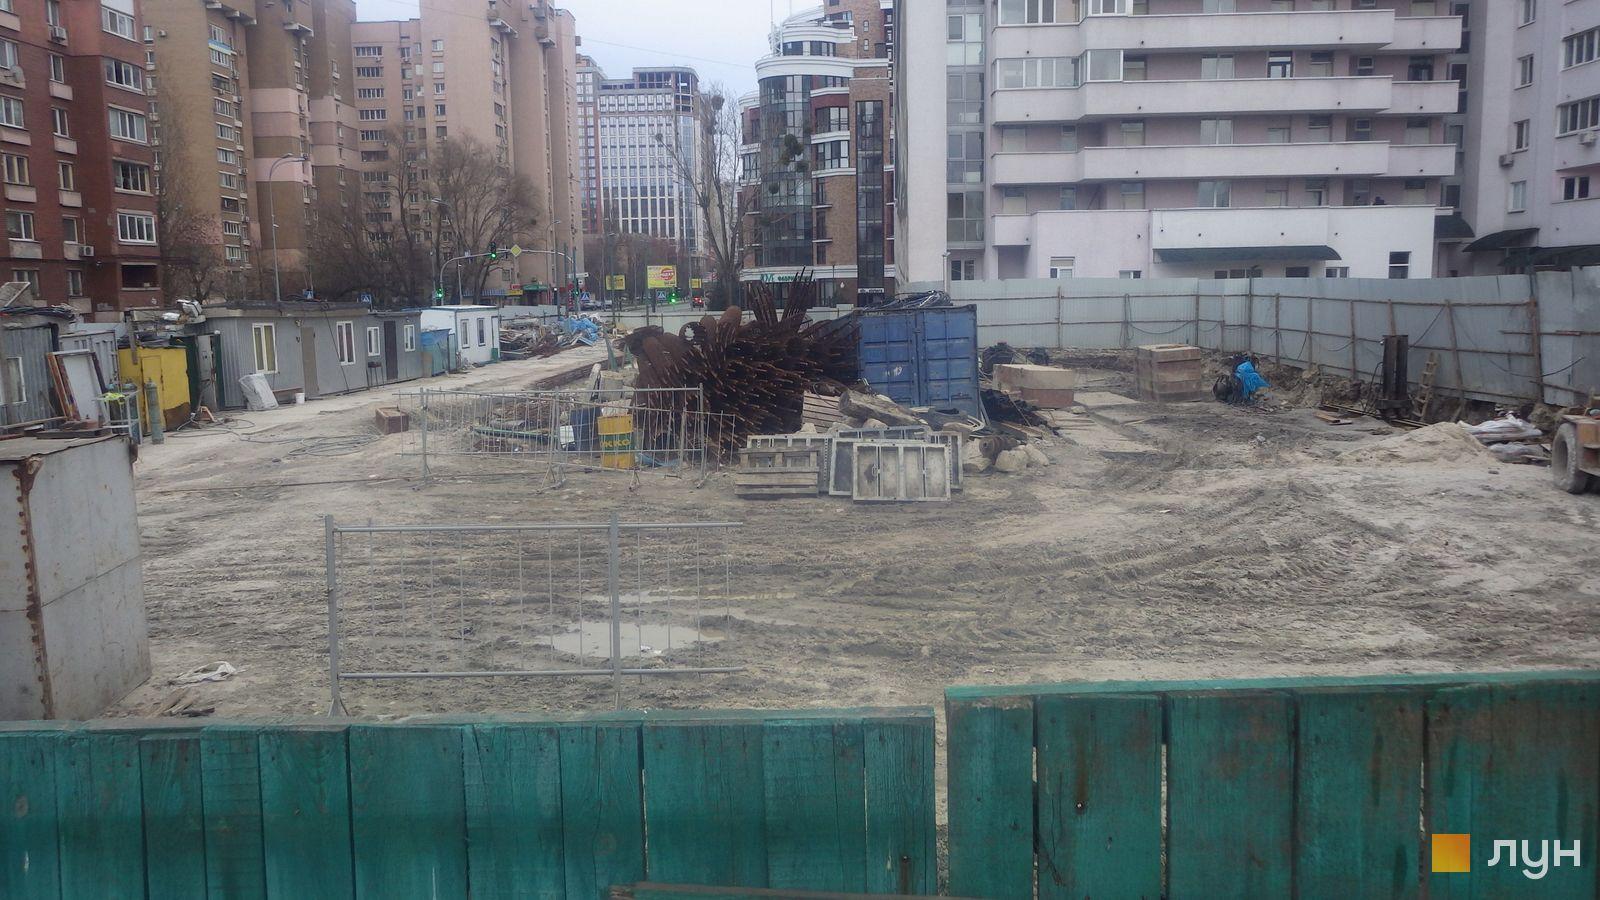 Ход строительства ул. Казимира Малевича, 44, 46, , март 2020